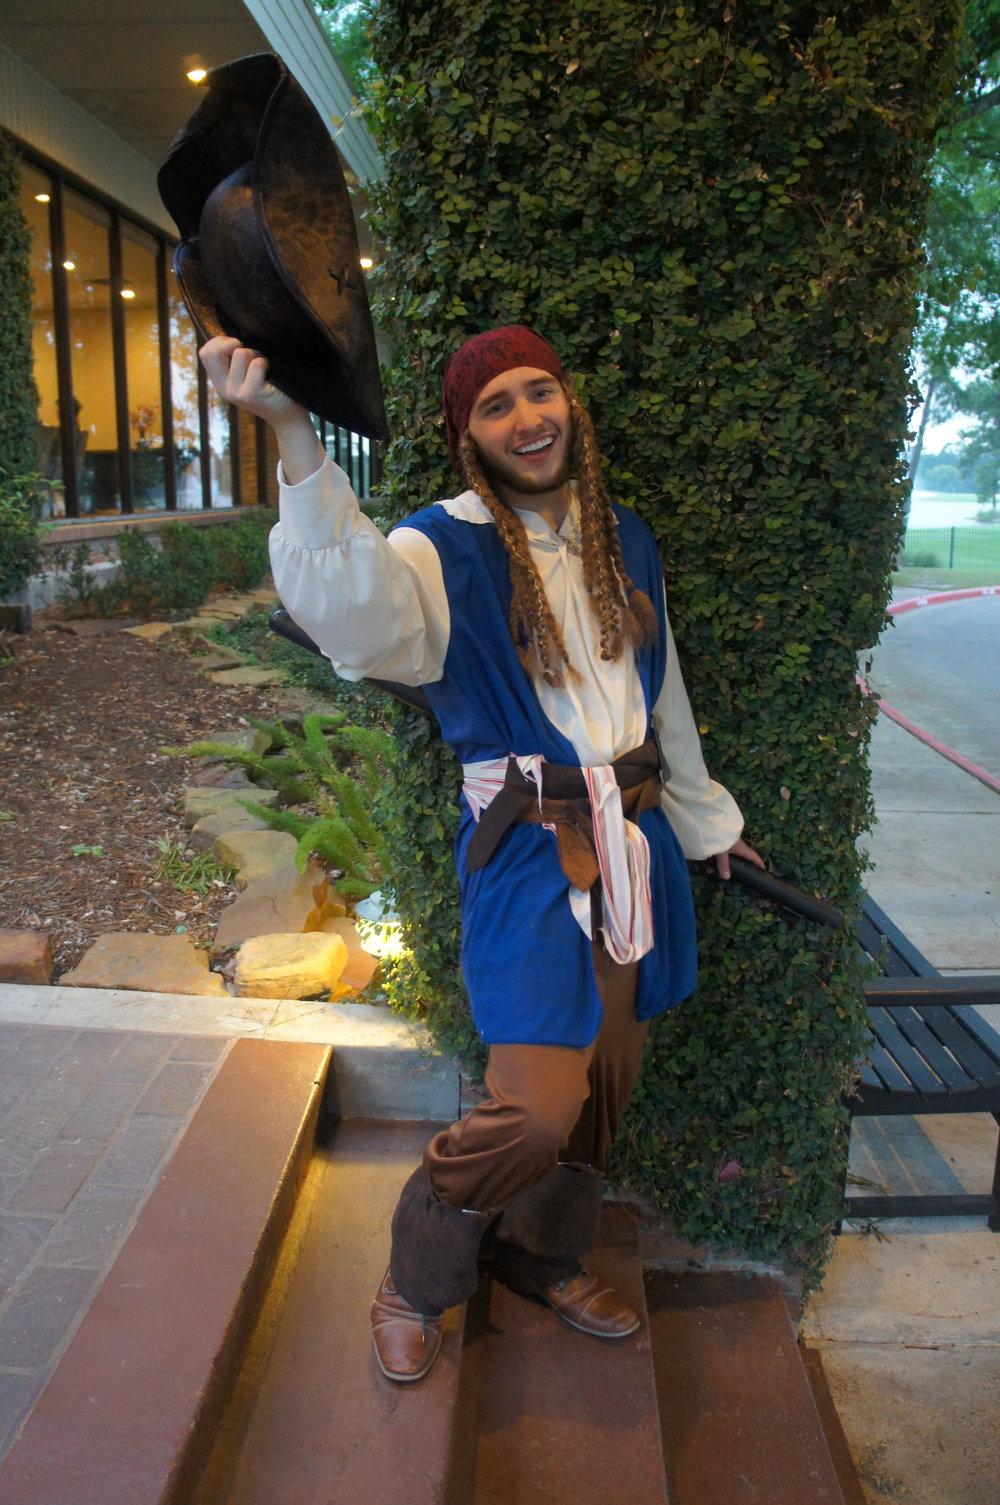 pirate4.jpeg